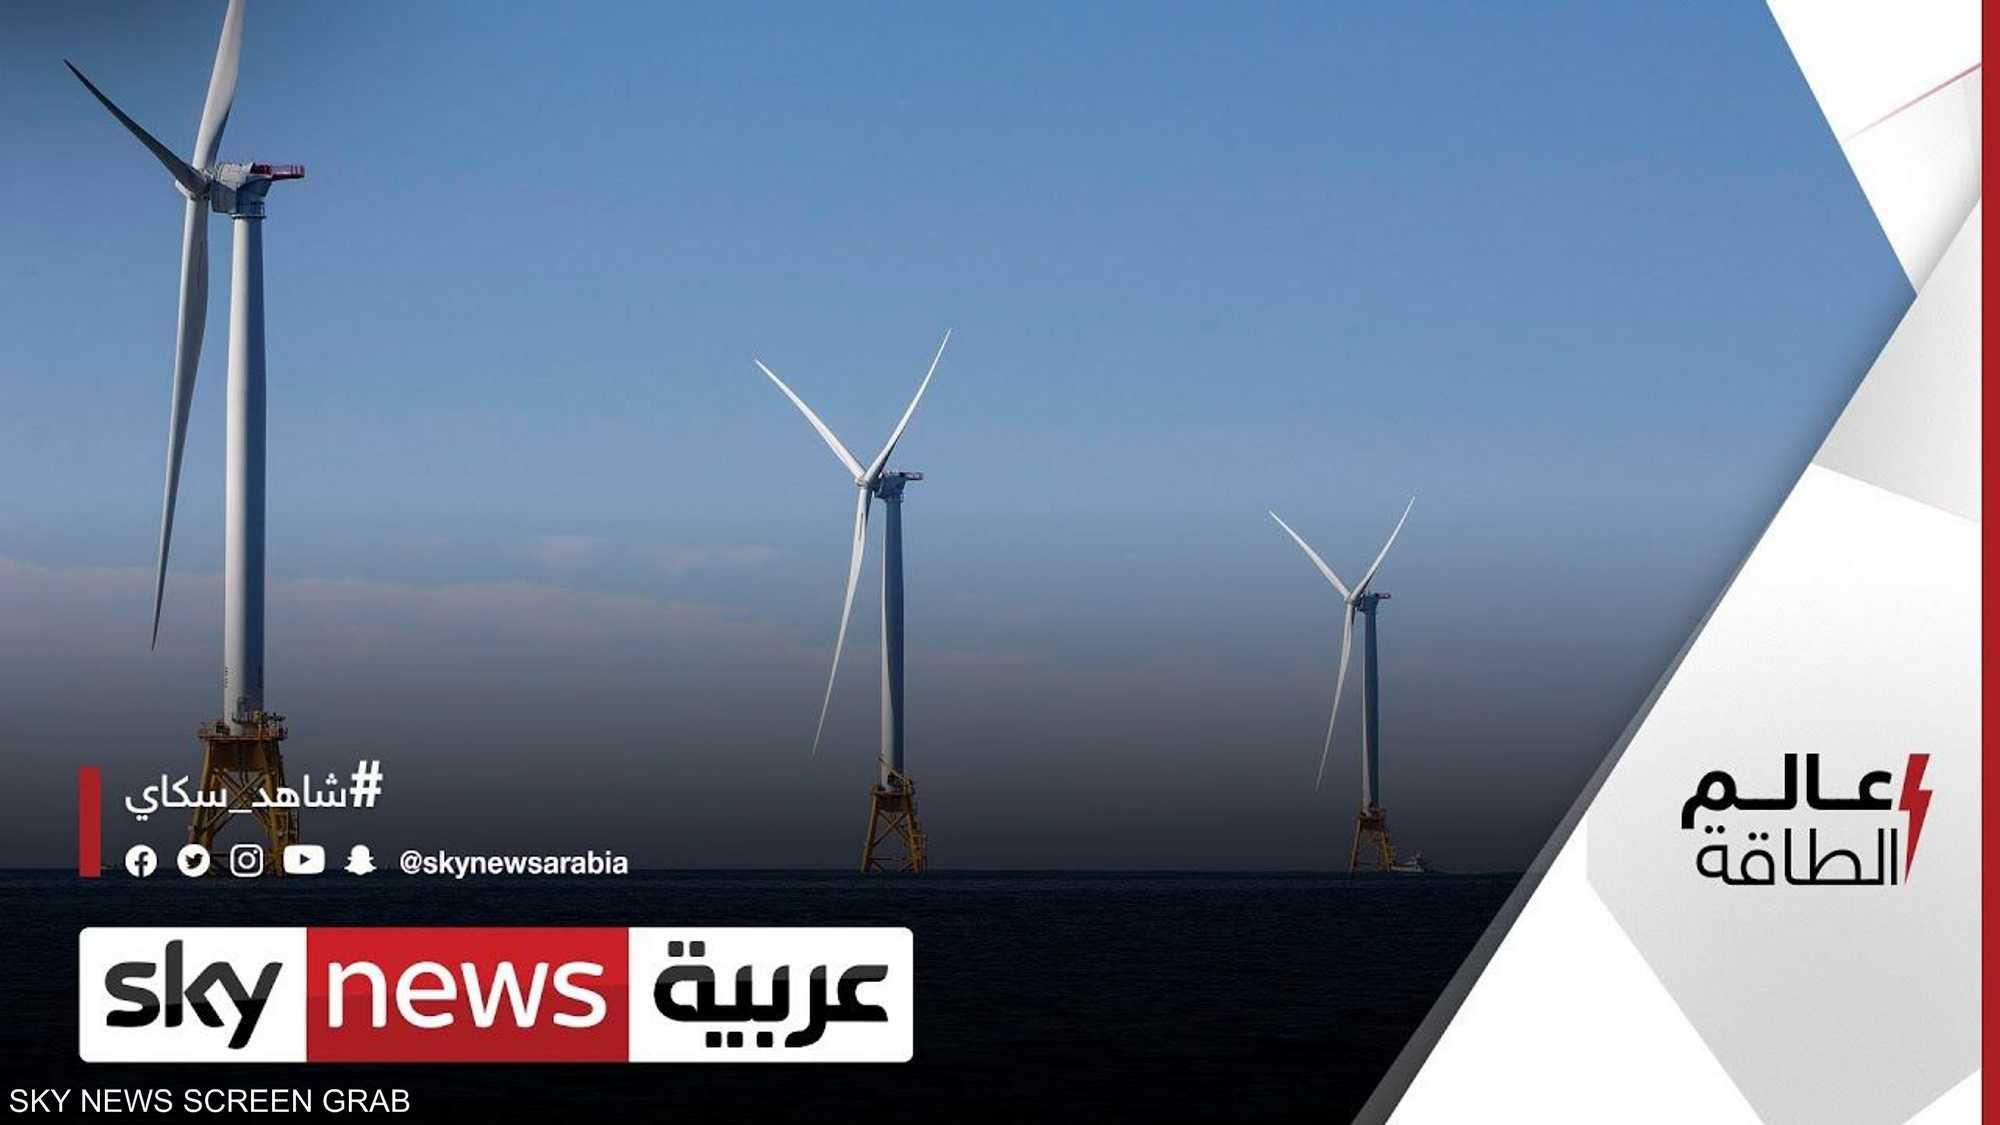 شركات الطاقة الأوروبية تتوجه نحو الطاقة النظيفة